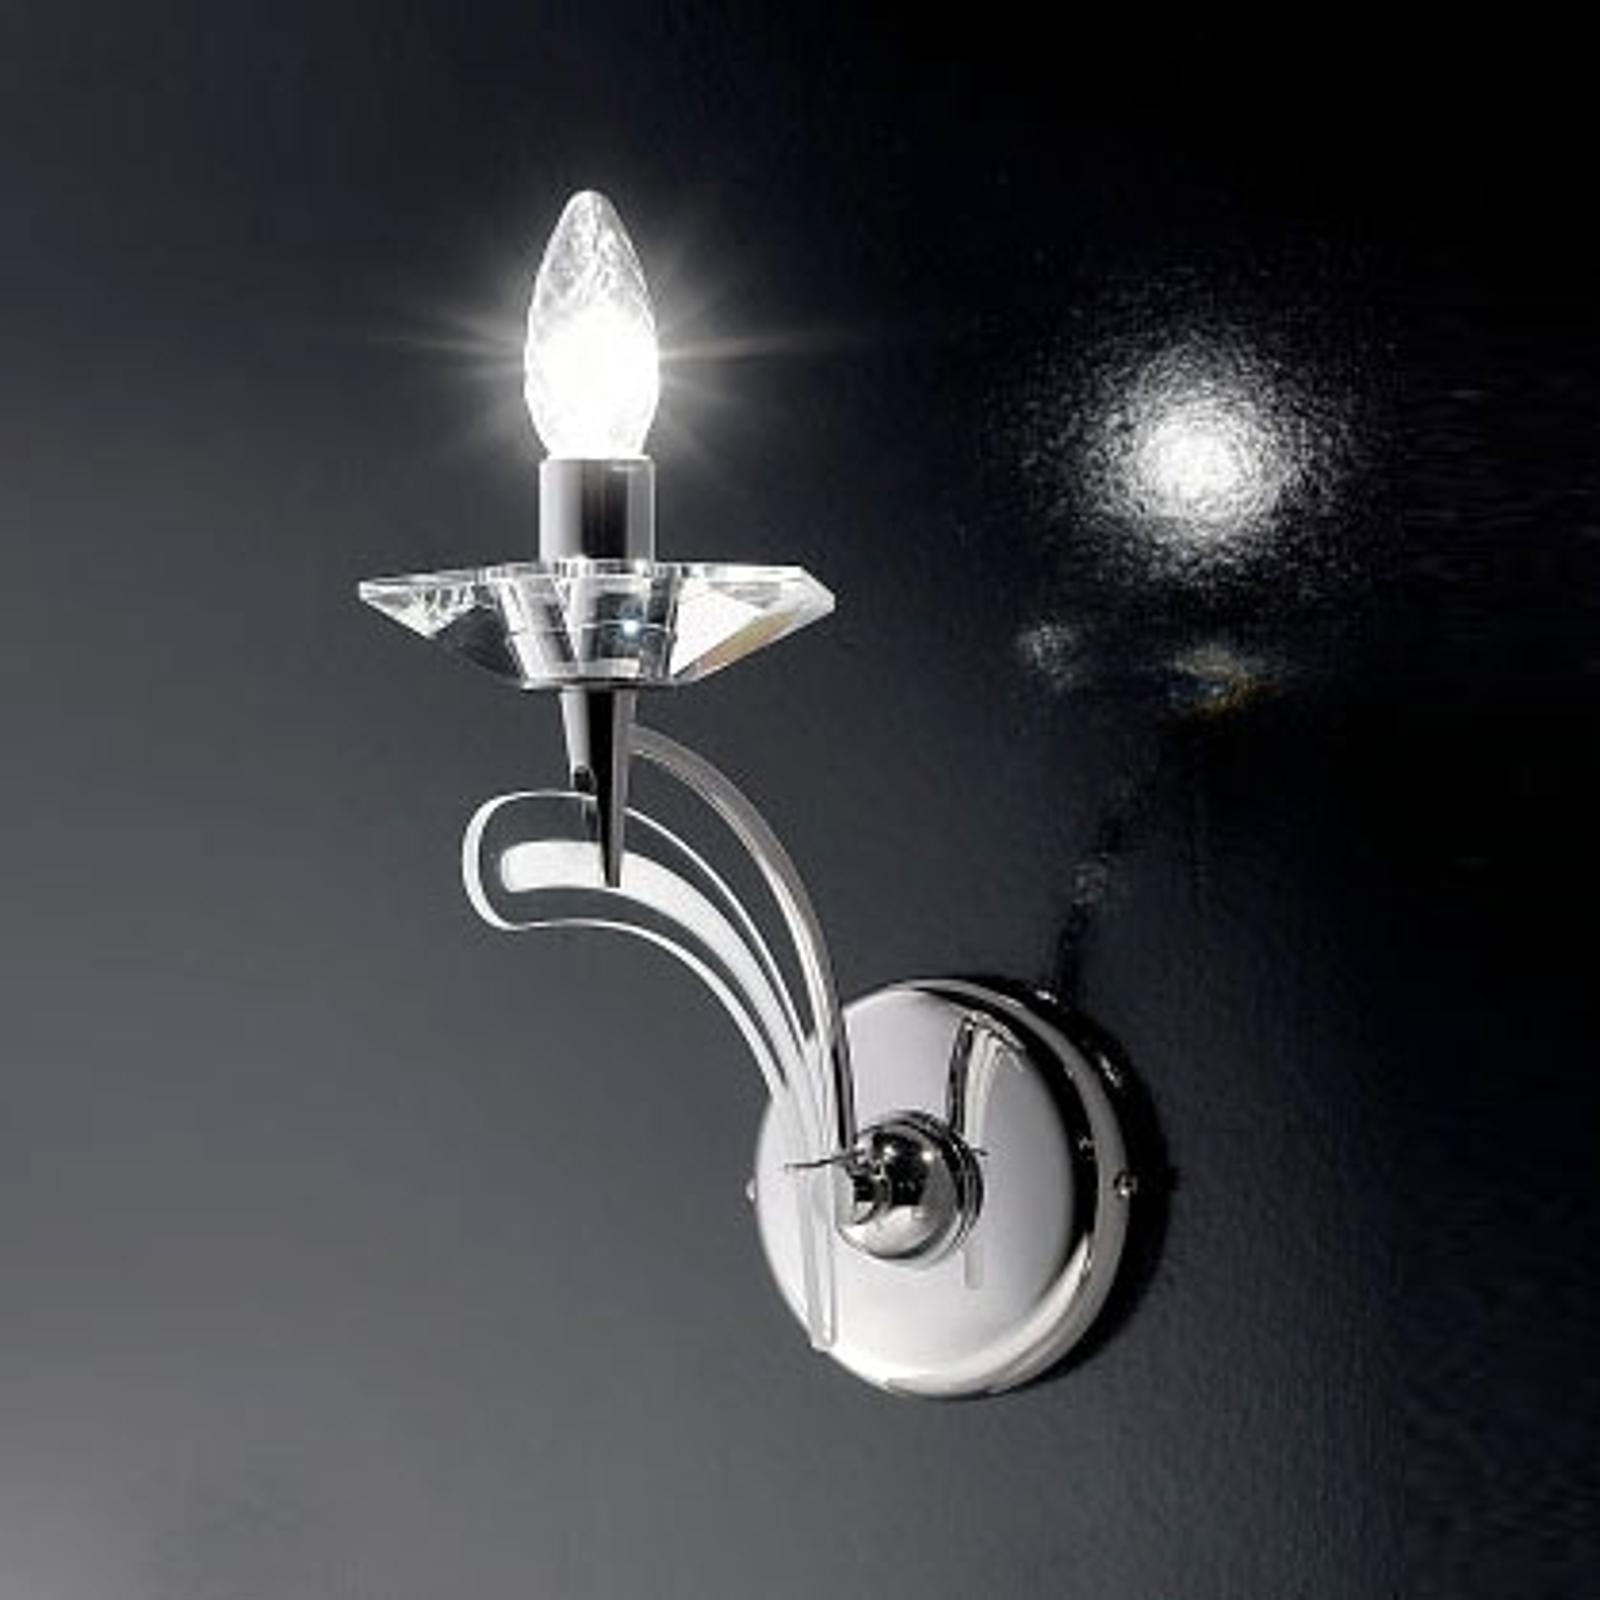 Seinävalaisin ICARO 1 lamppu, kristallilasi, kromi